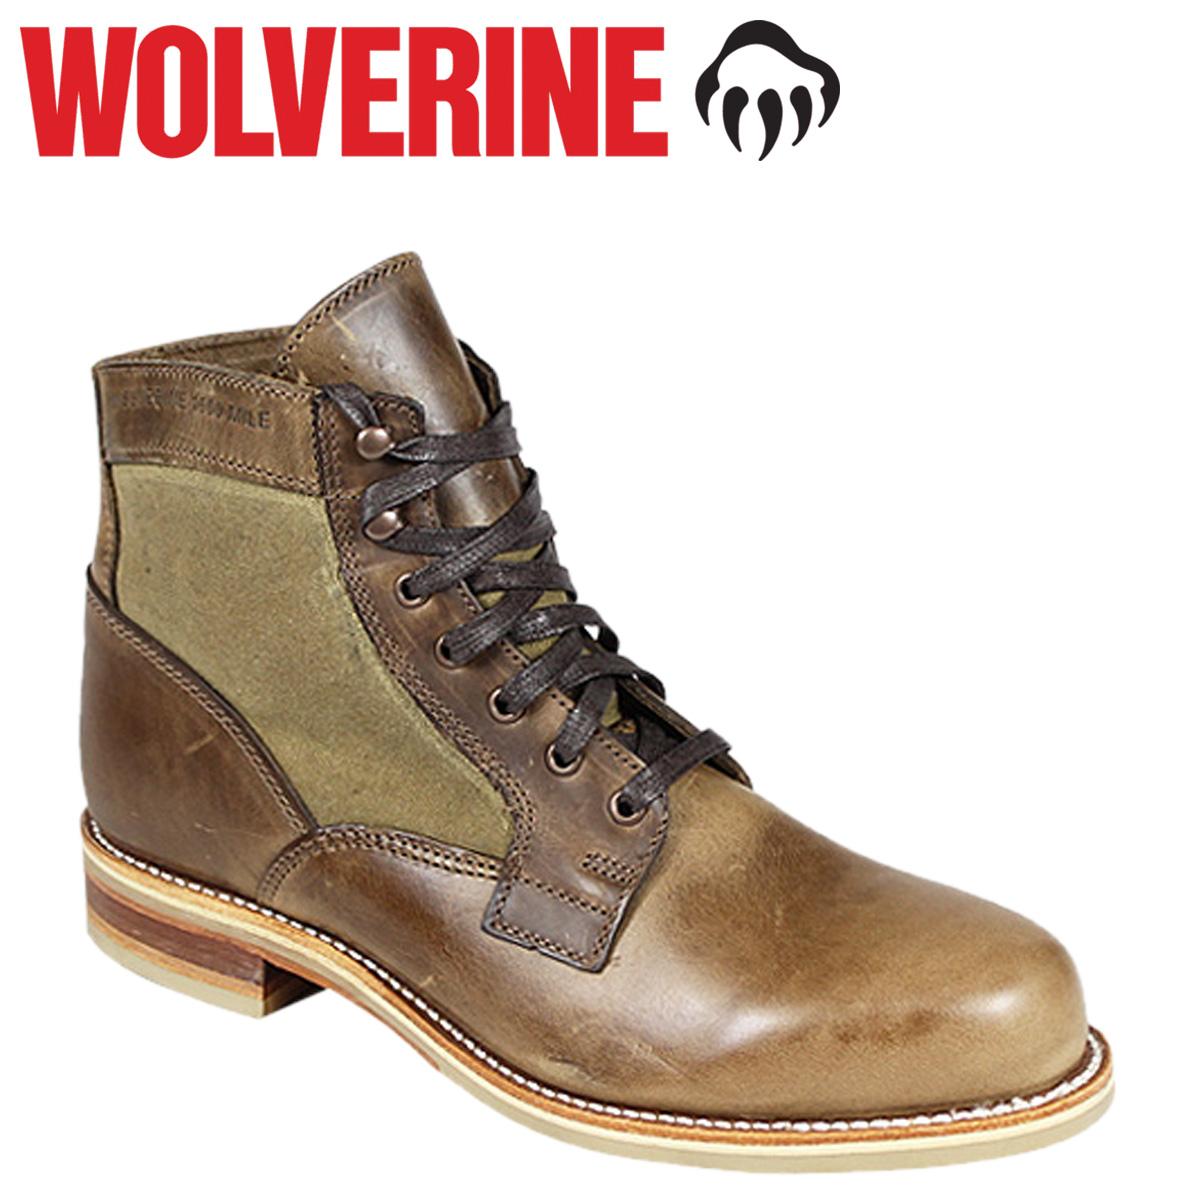 WOLVERINE ウルヴァリン 1000マイル ブーツ WHITEPINE 1000 MILE BOOT Dワイズ W00402 ナチュラル ワークブーツ メンズ